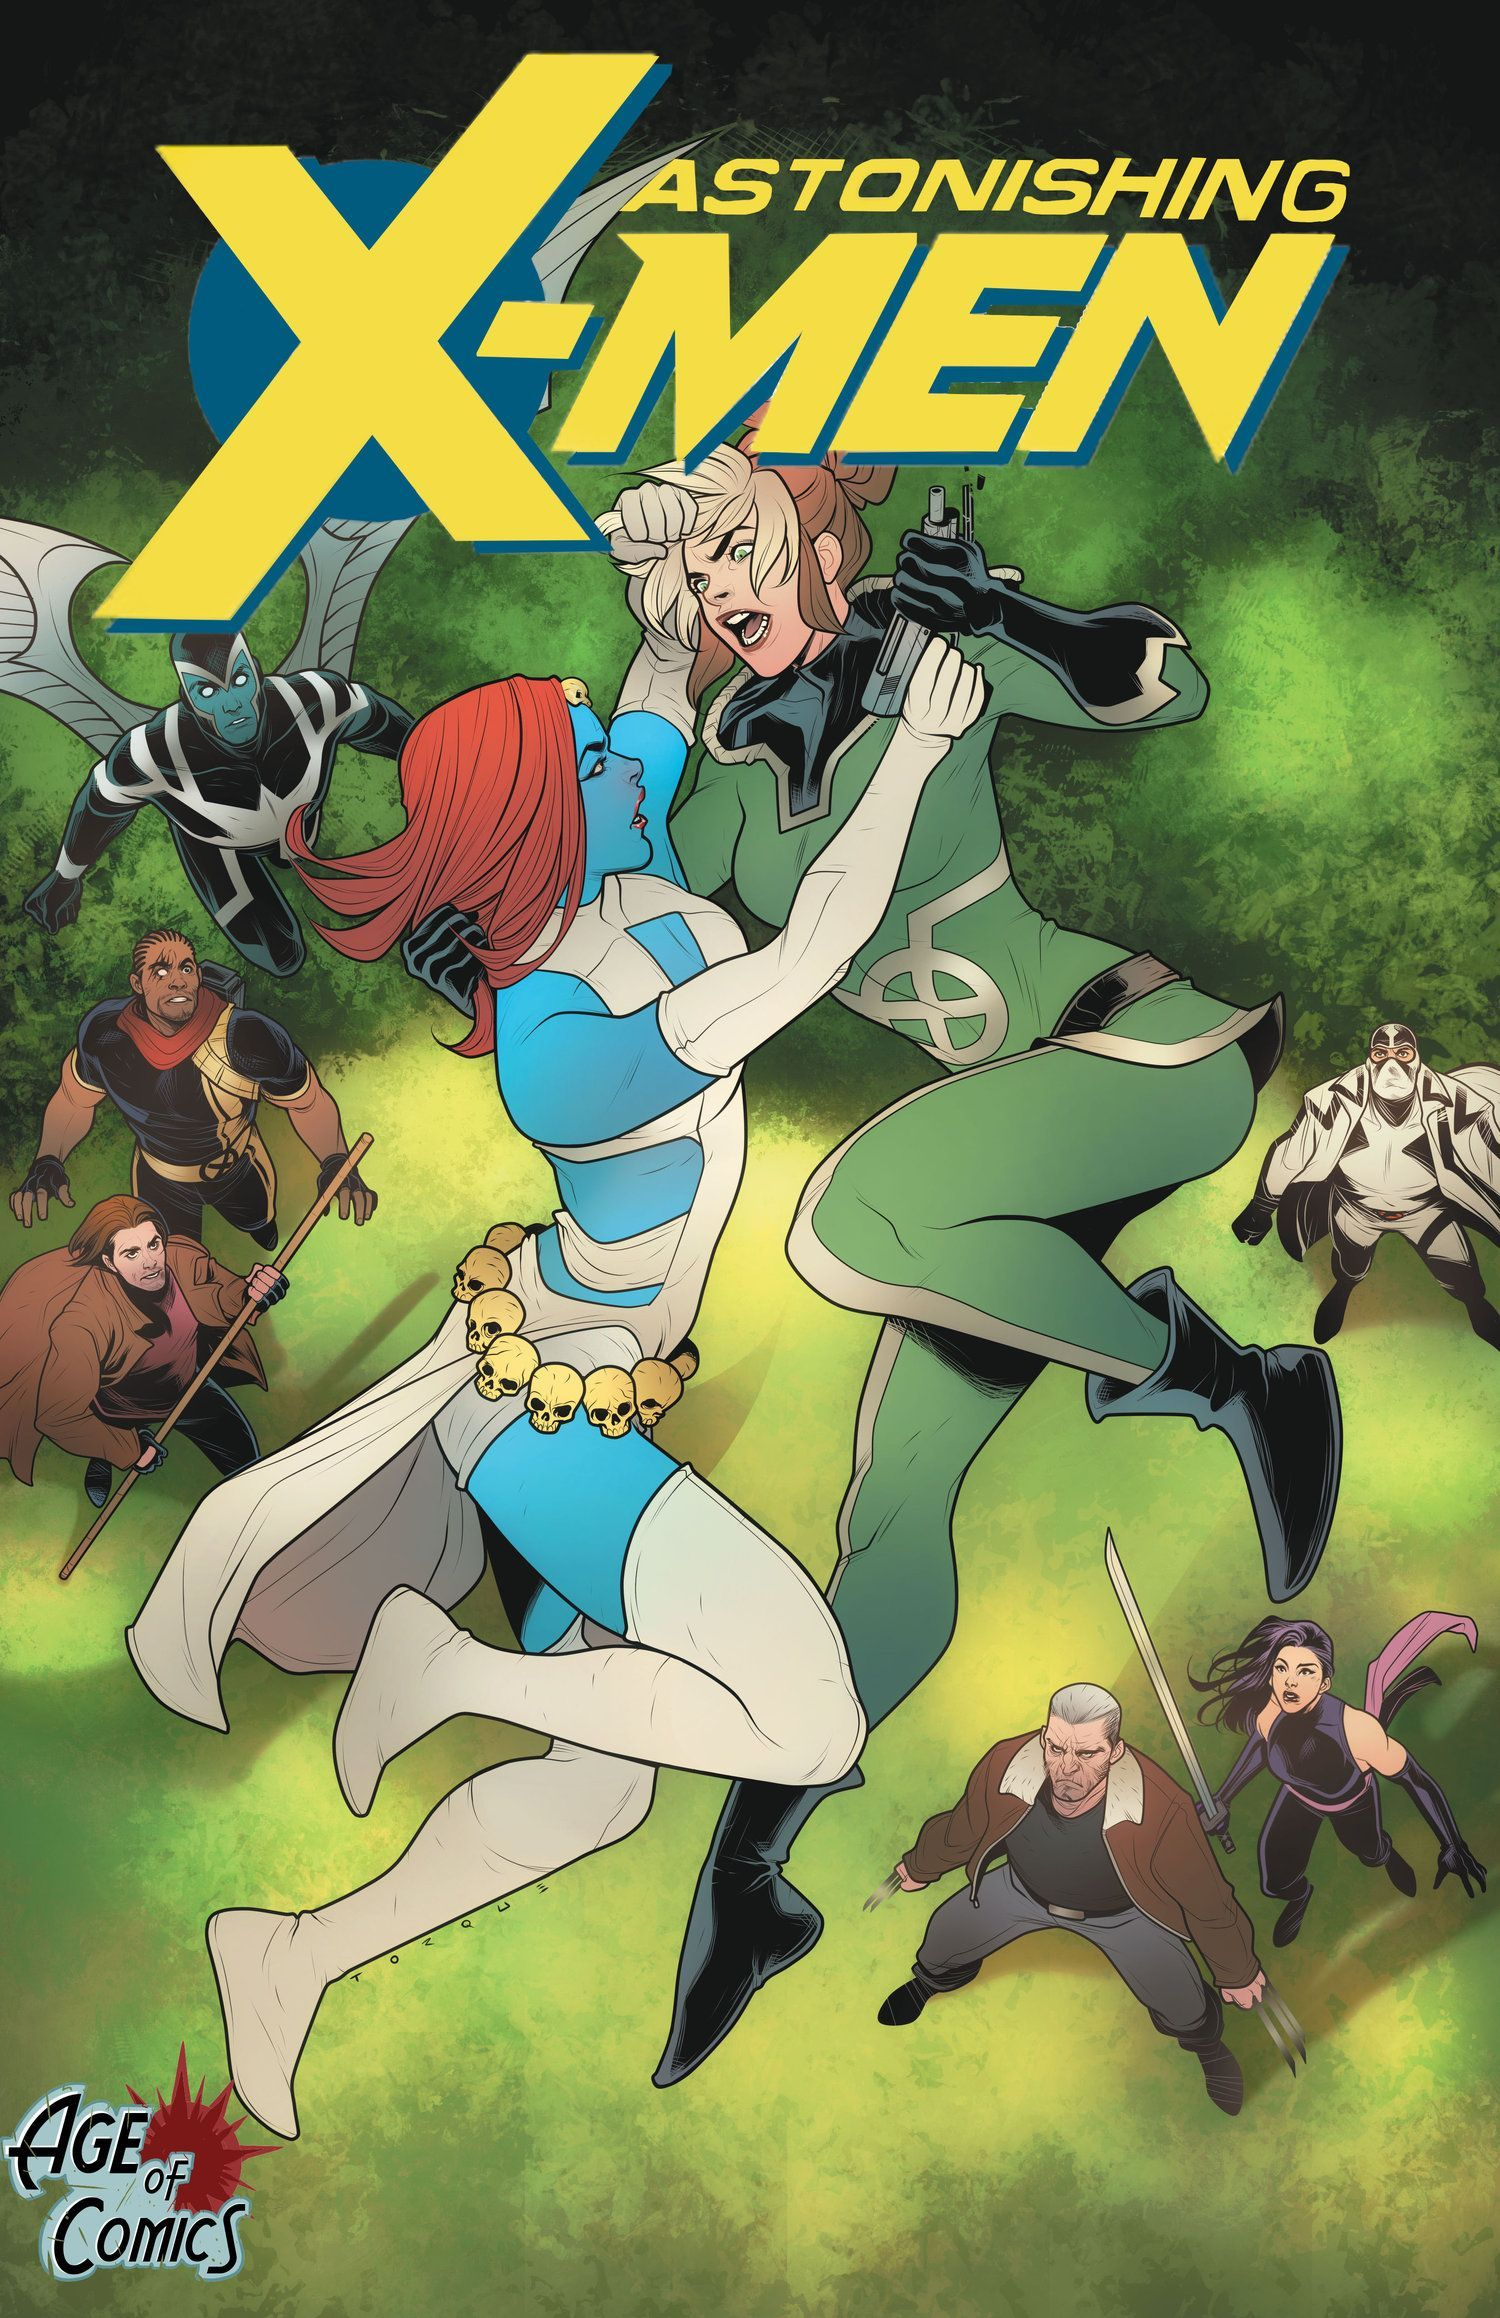 Astonishing X Men Vol 4 1 Age Of Comics Exclusive Variant Cover By Elizabeth Torque Xmen Comics Comics X Men